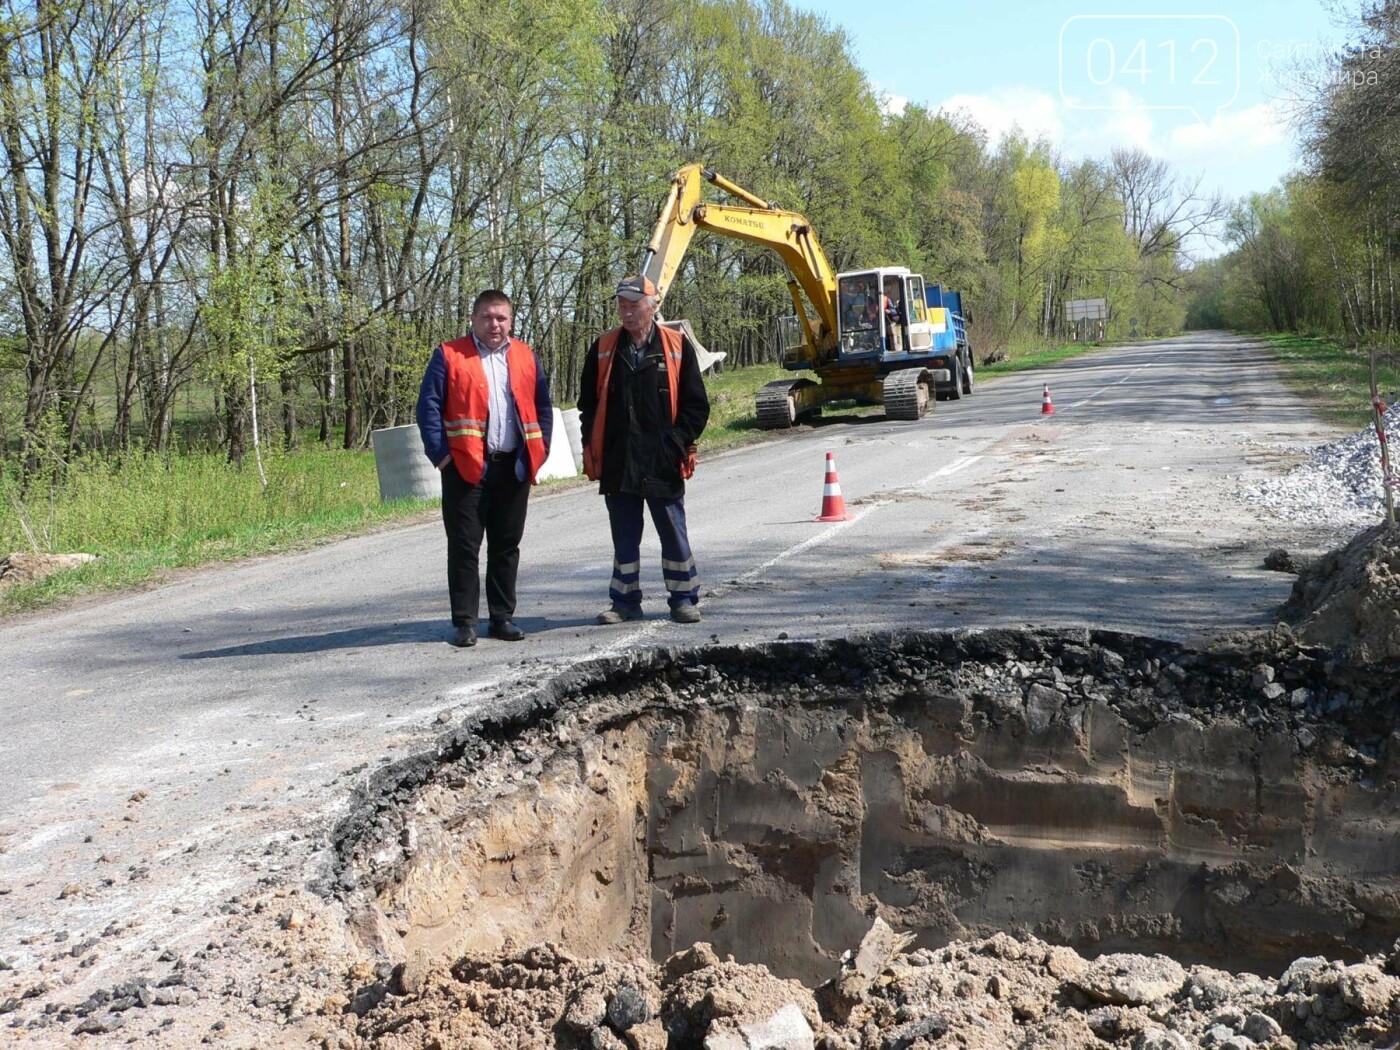 Продовжуються роботи з капремонту на ділянках шляху Р-49 Васьковичі - Шепетівка, фото-2